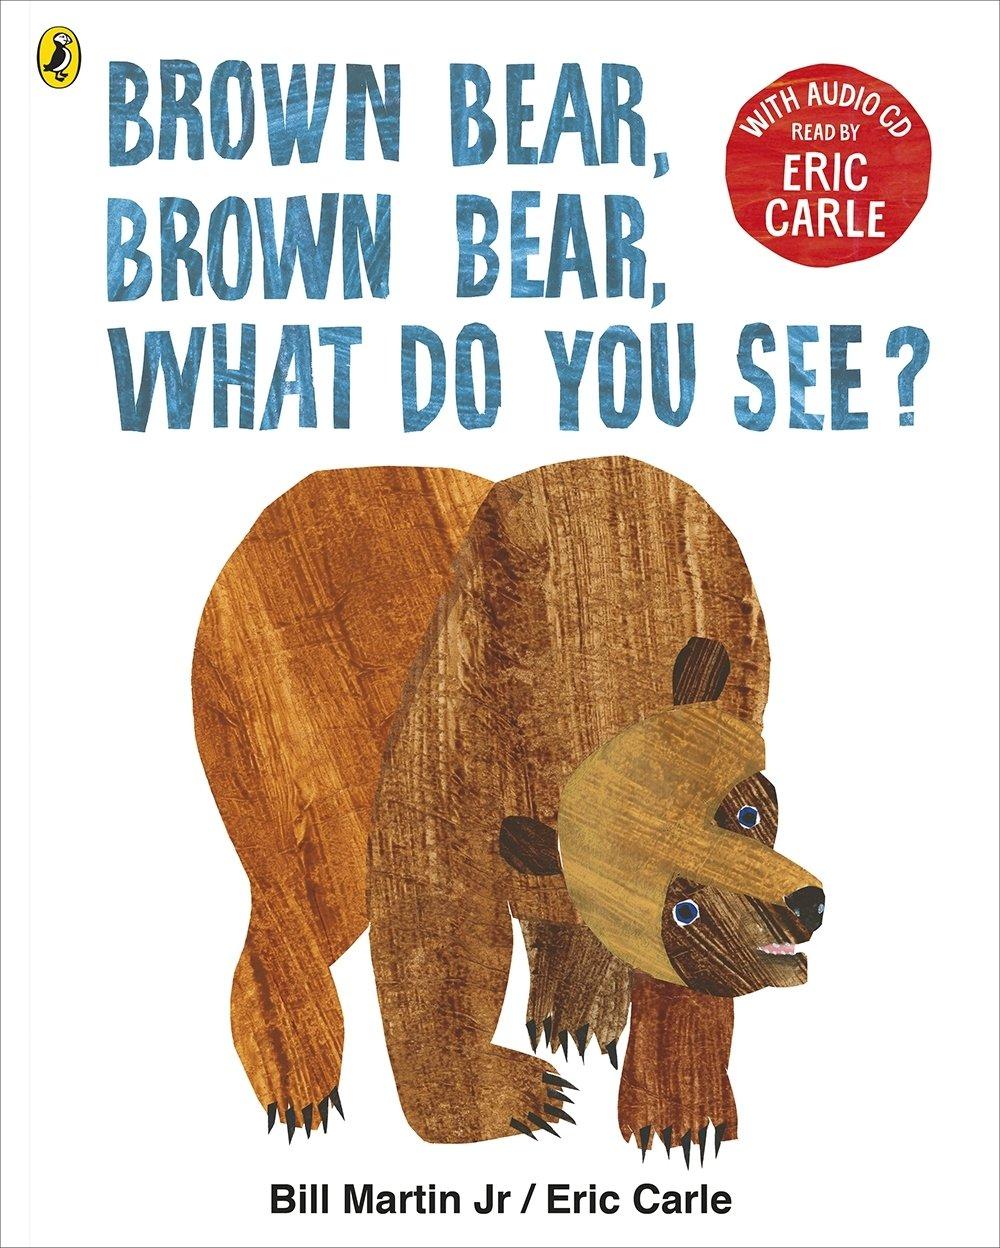 英語オーディオブックのおすすめ15選!初心者向けの児童書も